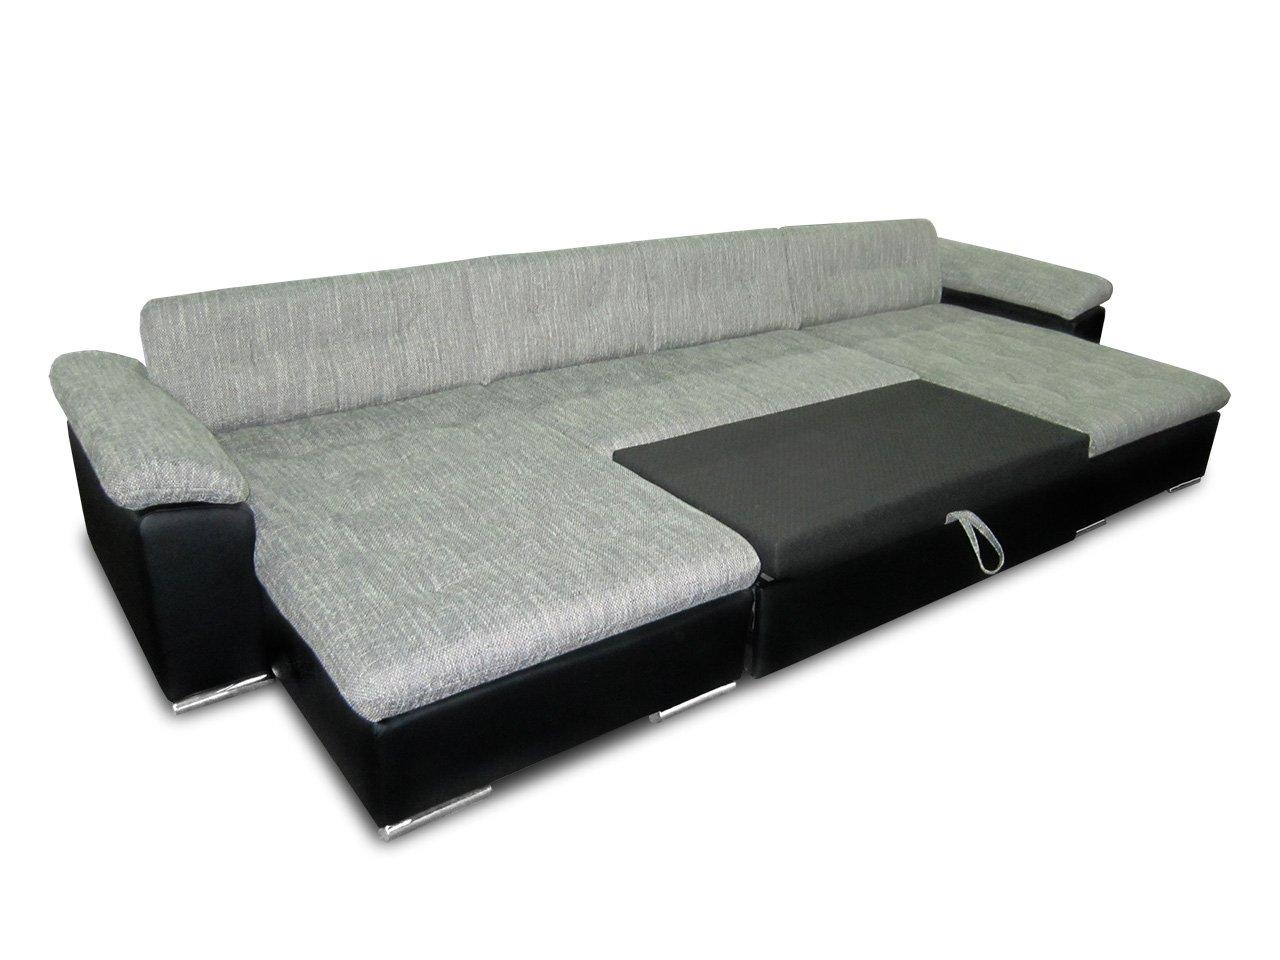 Ecksofa u form mit schlaffunktion  Ecksofa Wicenza! Design Big Sofa Eckcouch Couch! mit ...